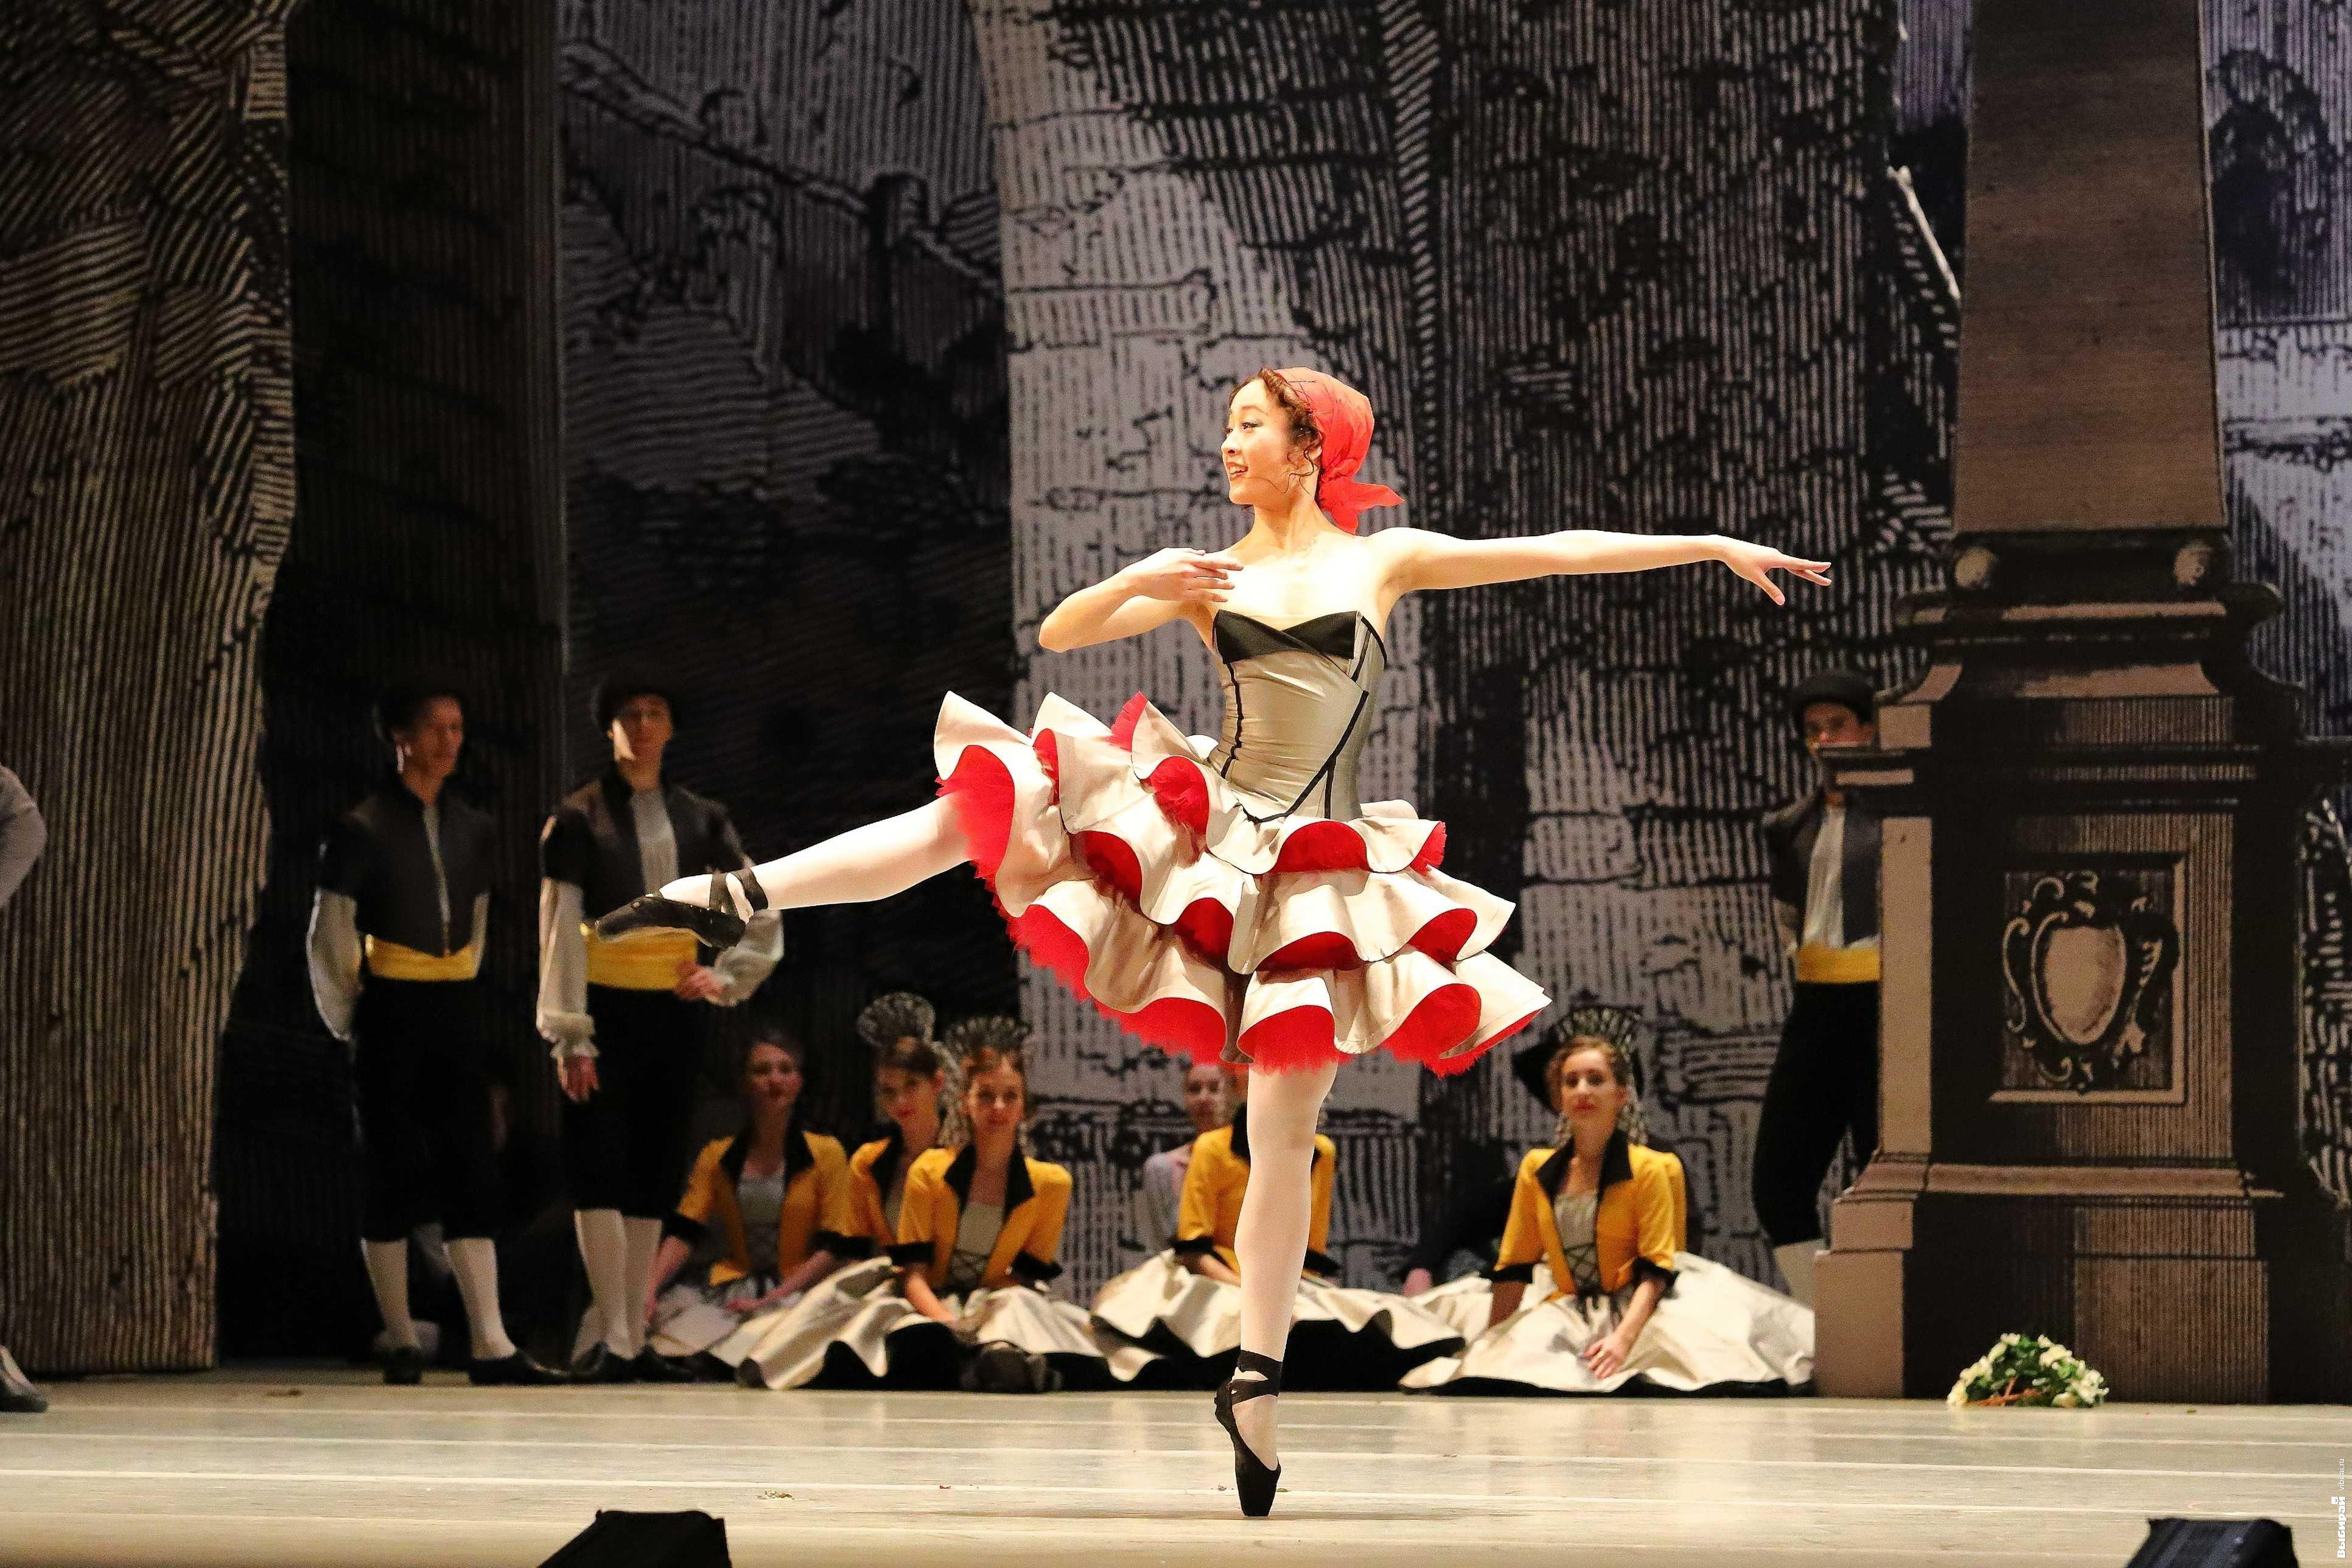 помощью вечер русского балета фотоотчет фото очередного